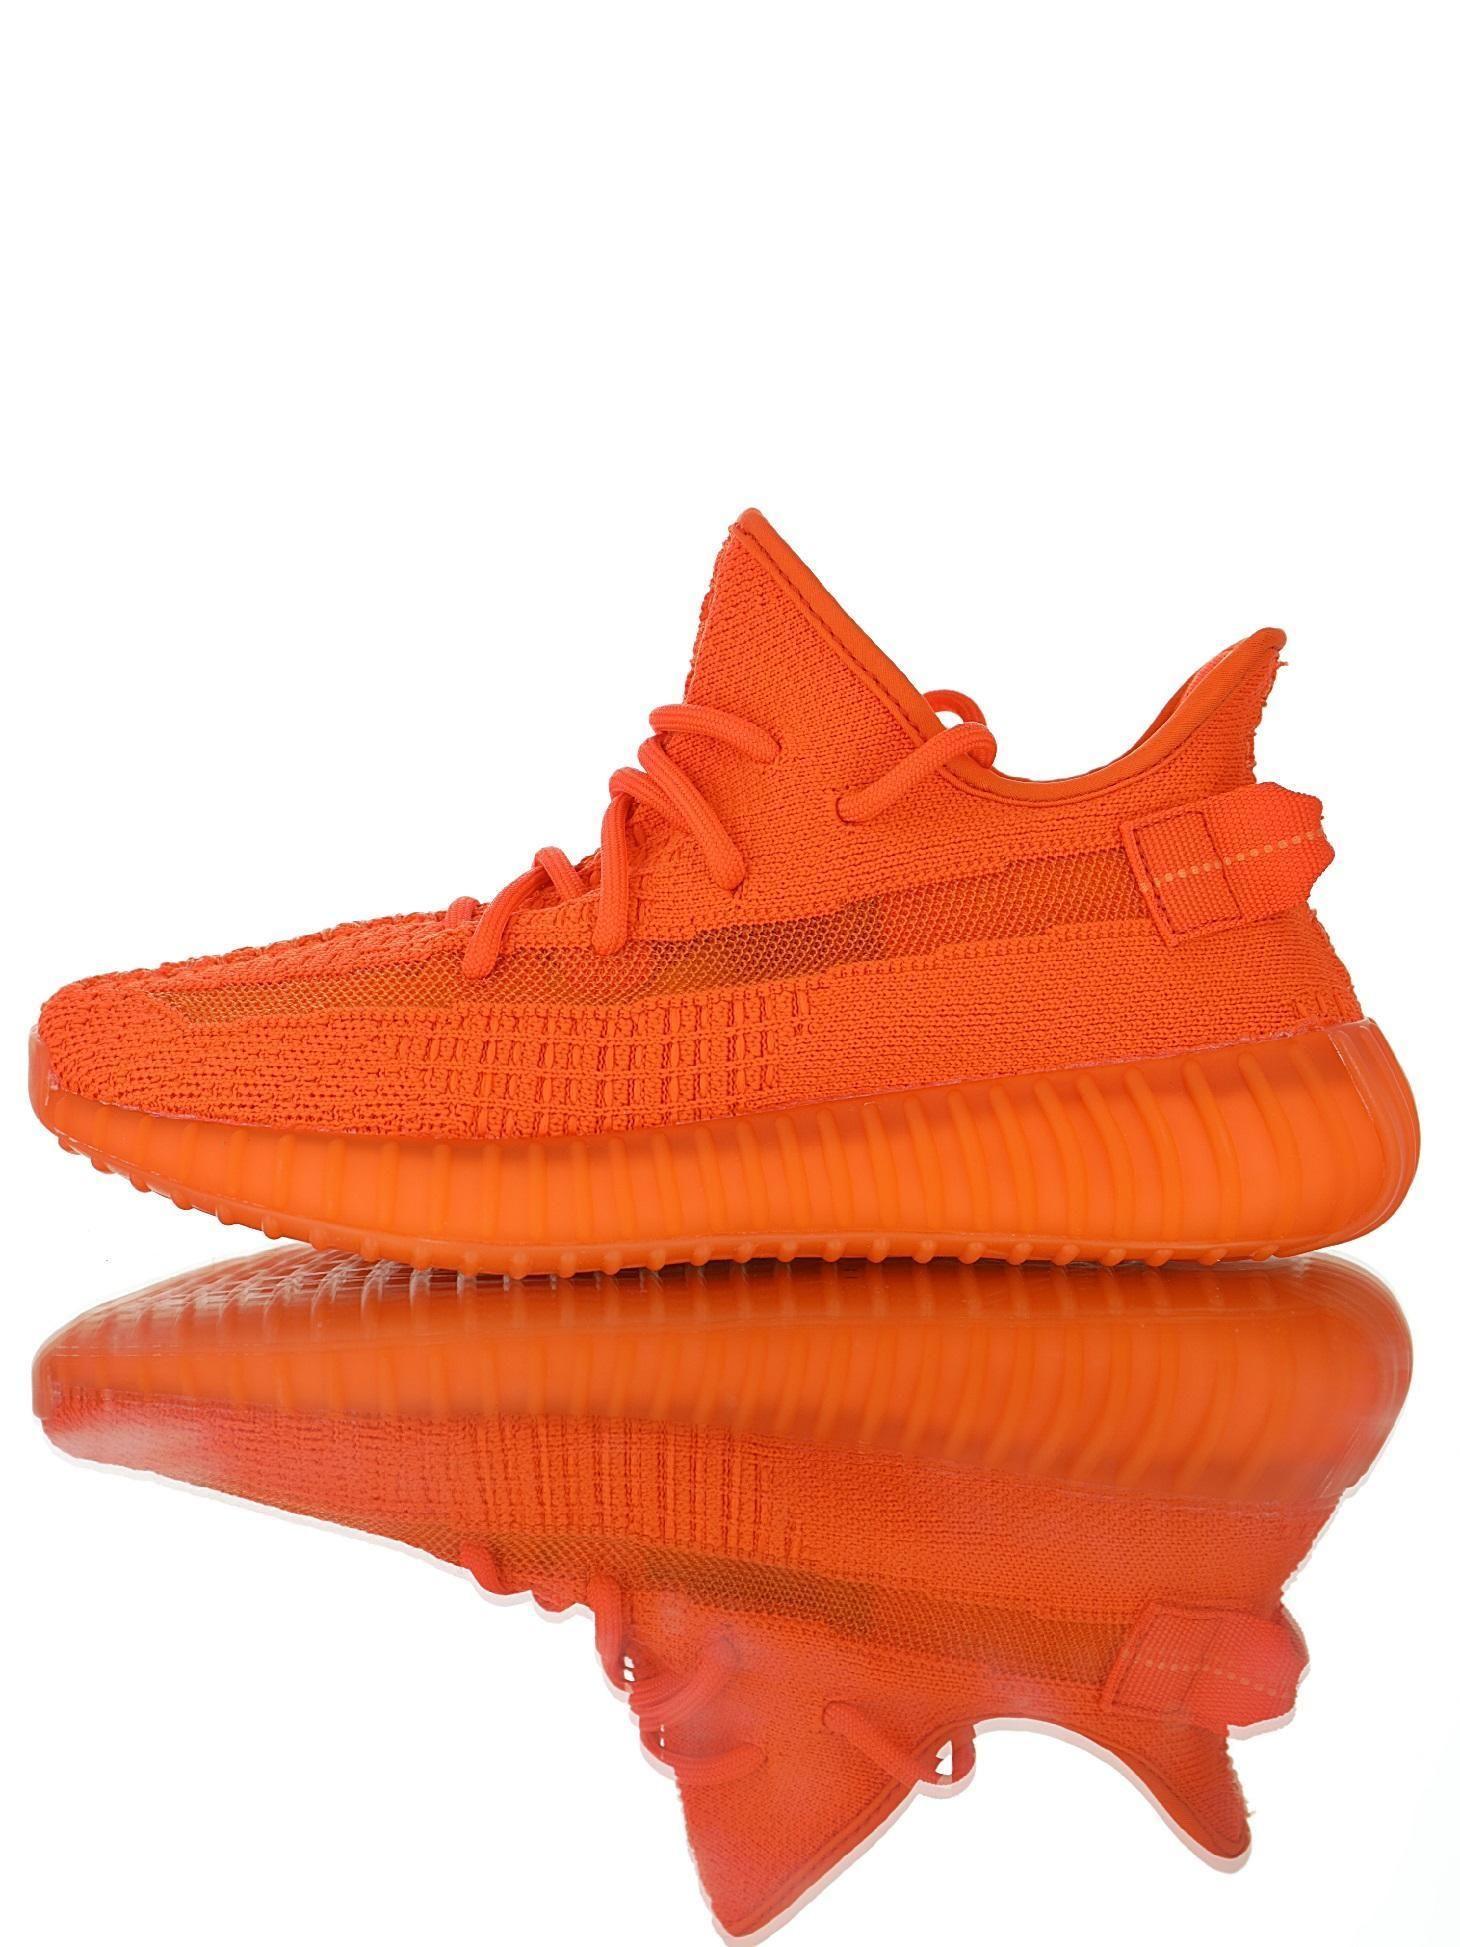 adidas yeezy boost 350 finte